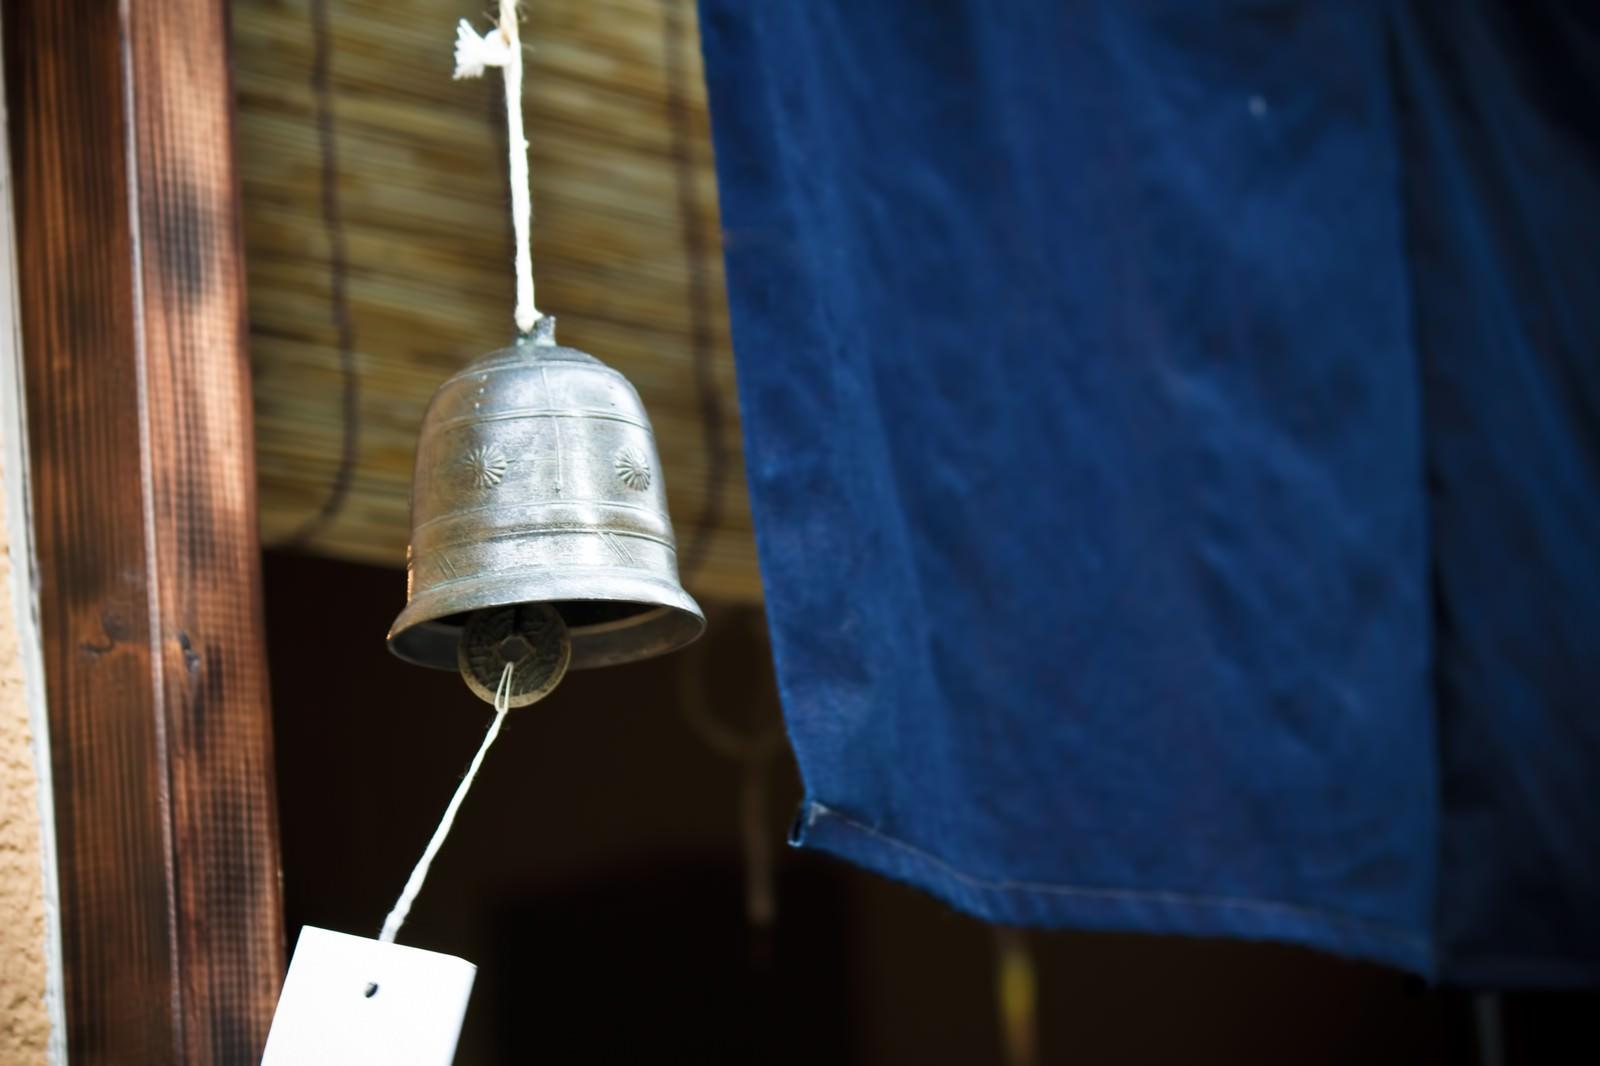 「鐘型の風鈴」の写真